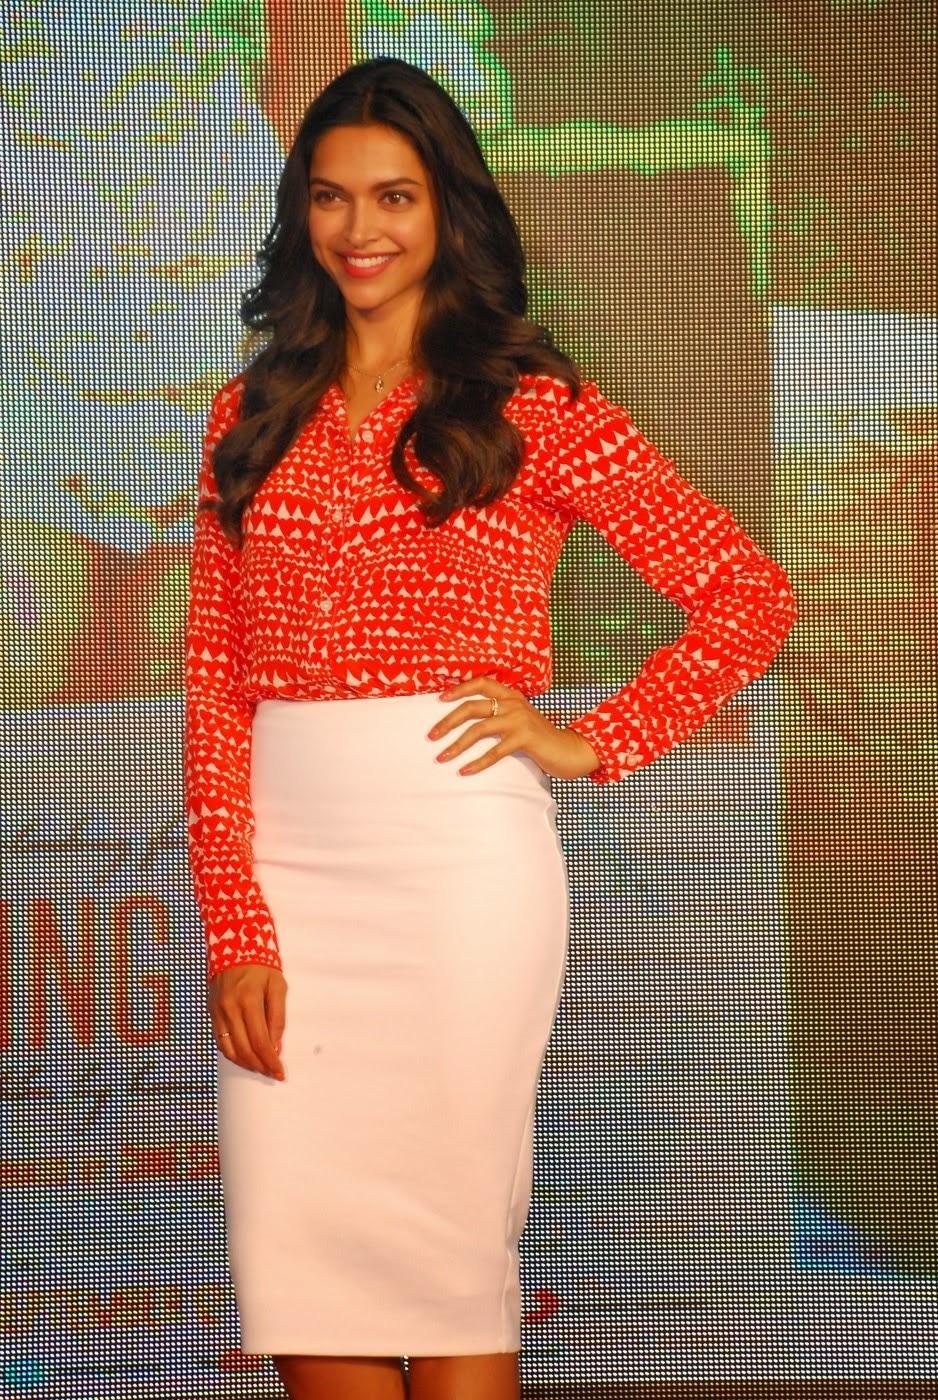 Deepika Padukone Hot Photos In Orange Dress